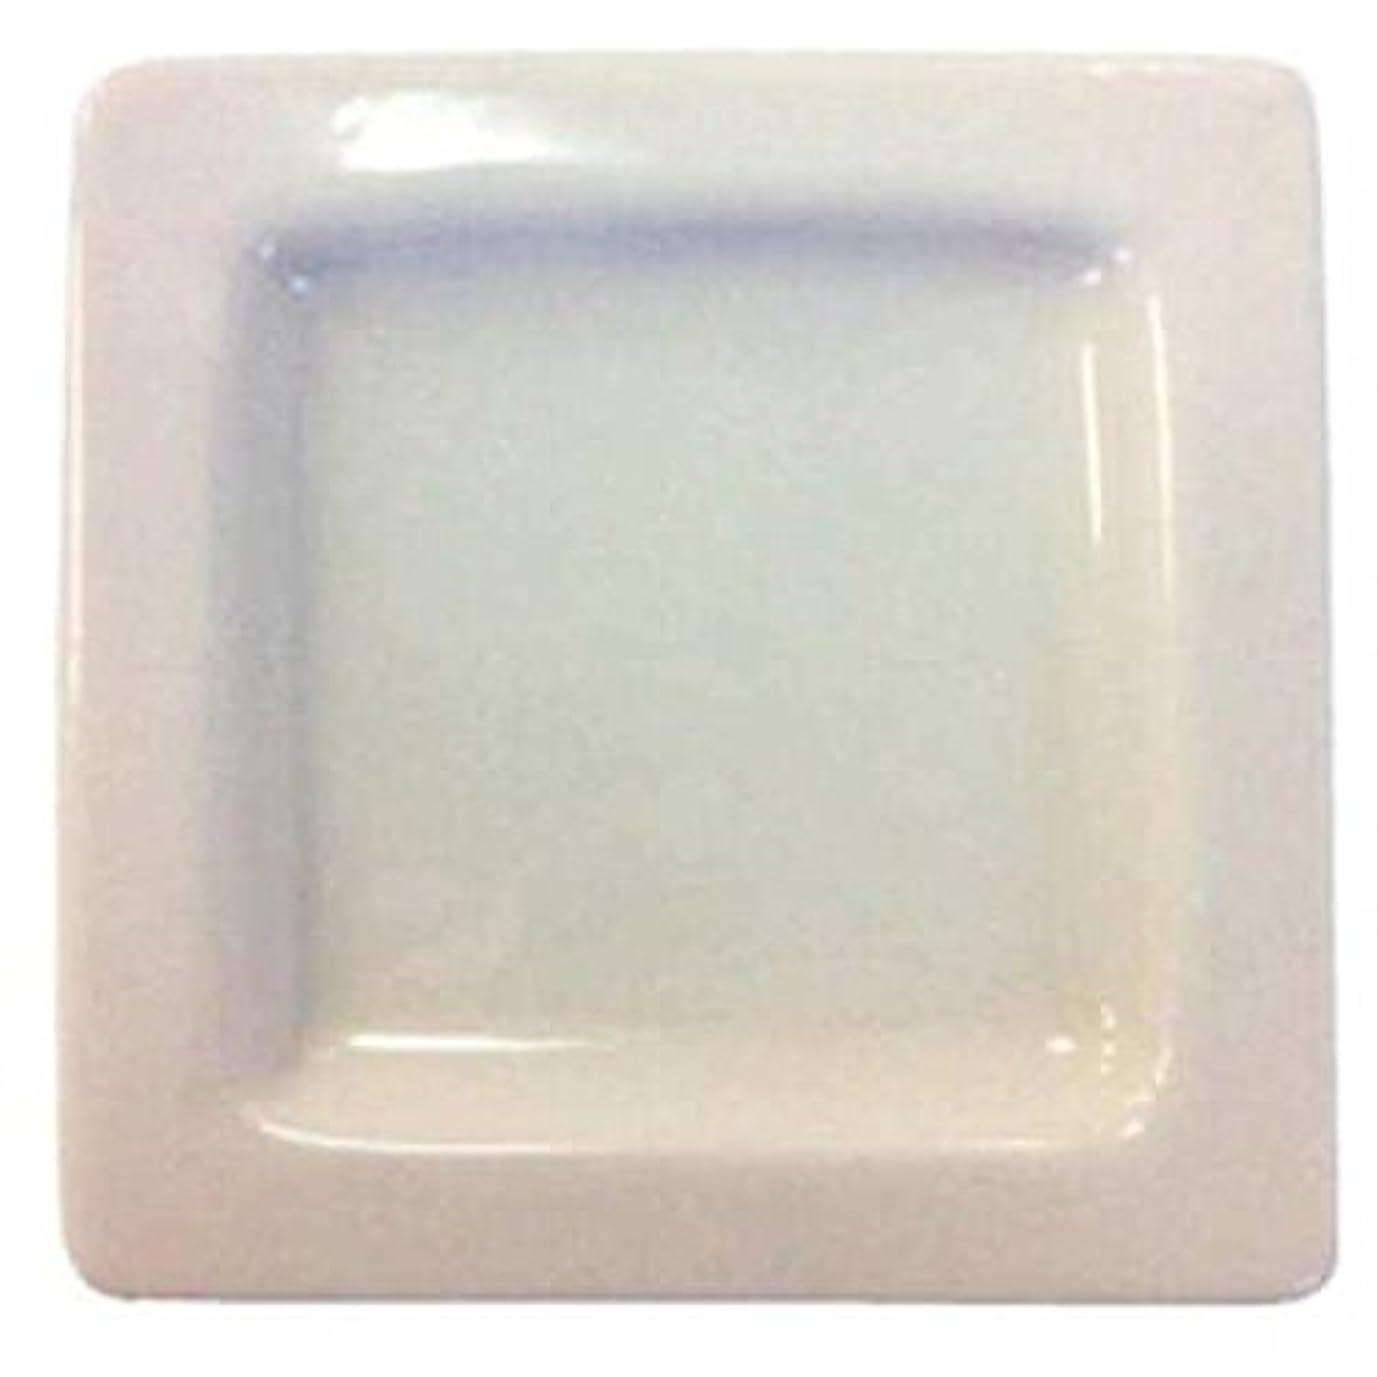 デザートスペード例示するアロマランプLアイビー用 天面精油皿